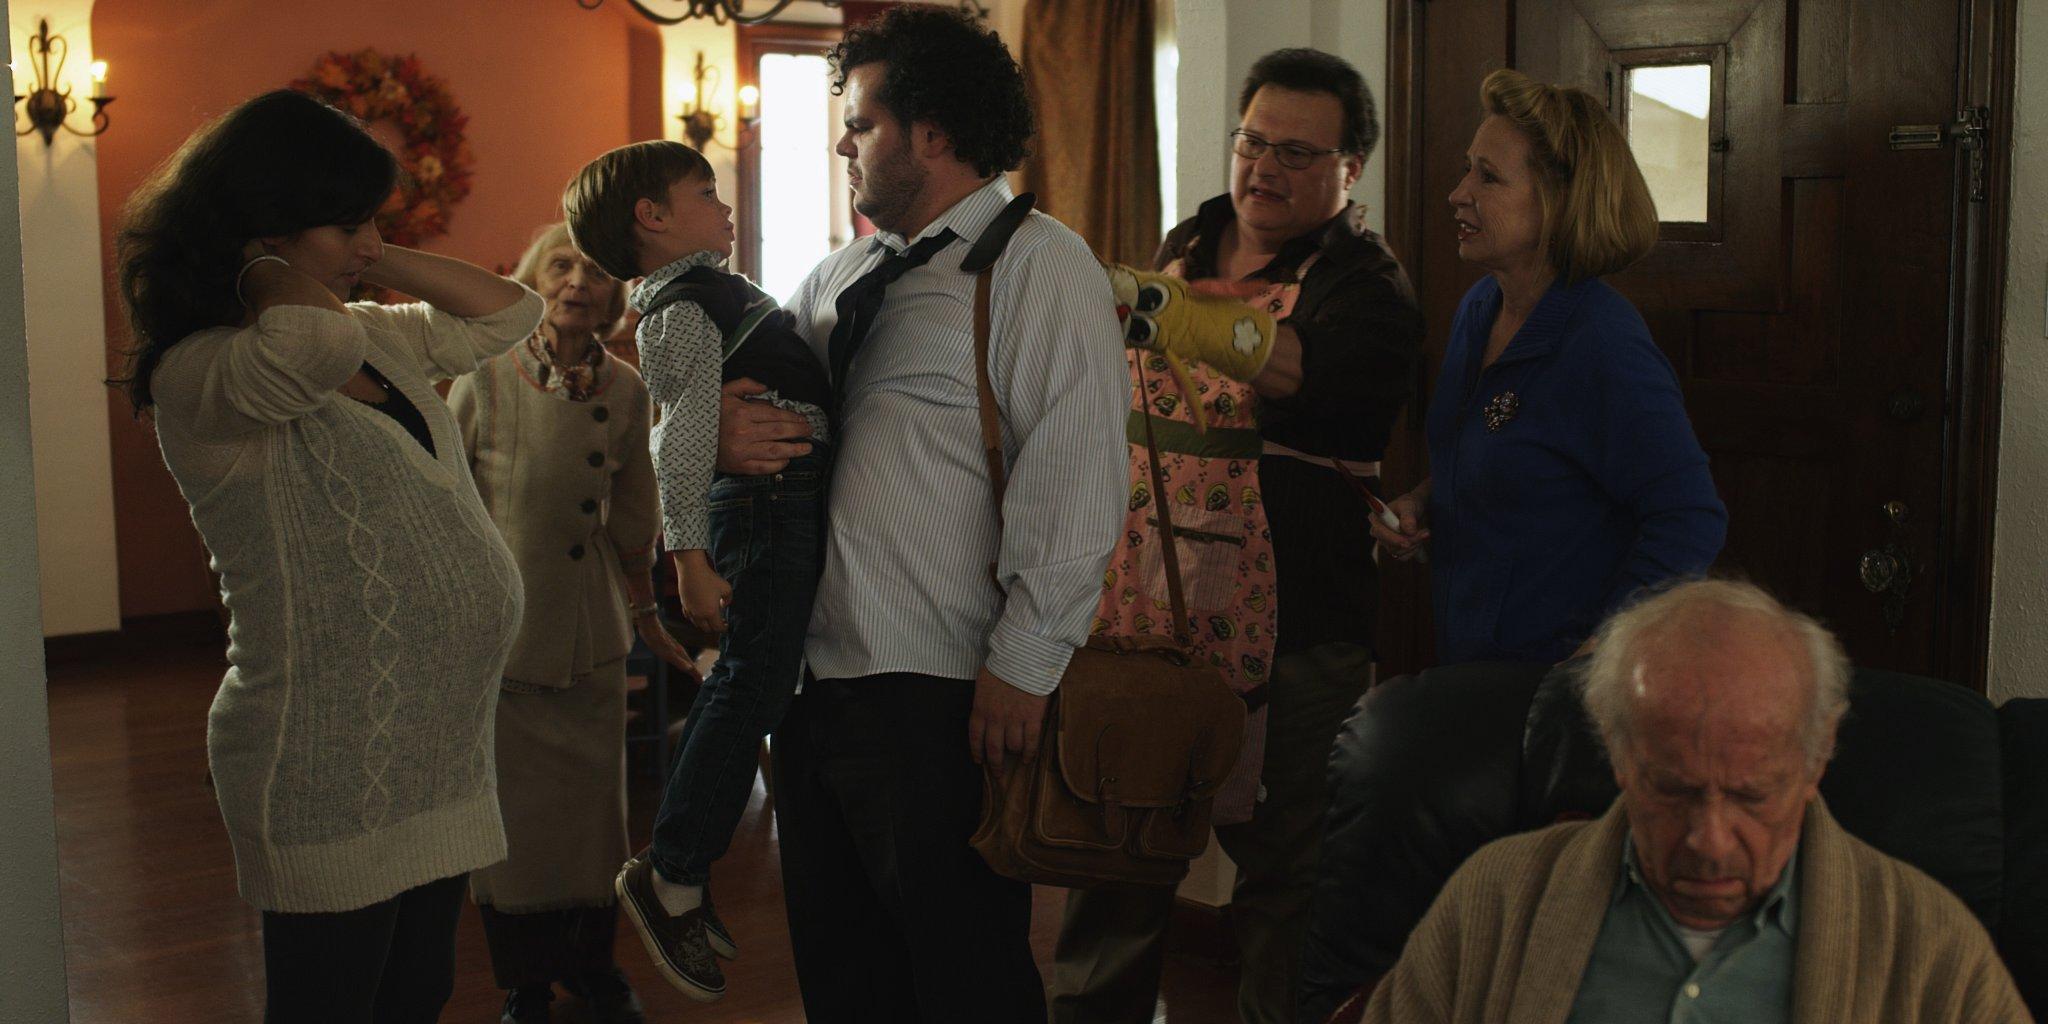 Wayne Knight, Ellen Albertini Dow, Curt Lowens, Debra Jo Rupp, Josh Gad, and Ida Darvish in She Wants Me (2012)